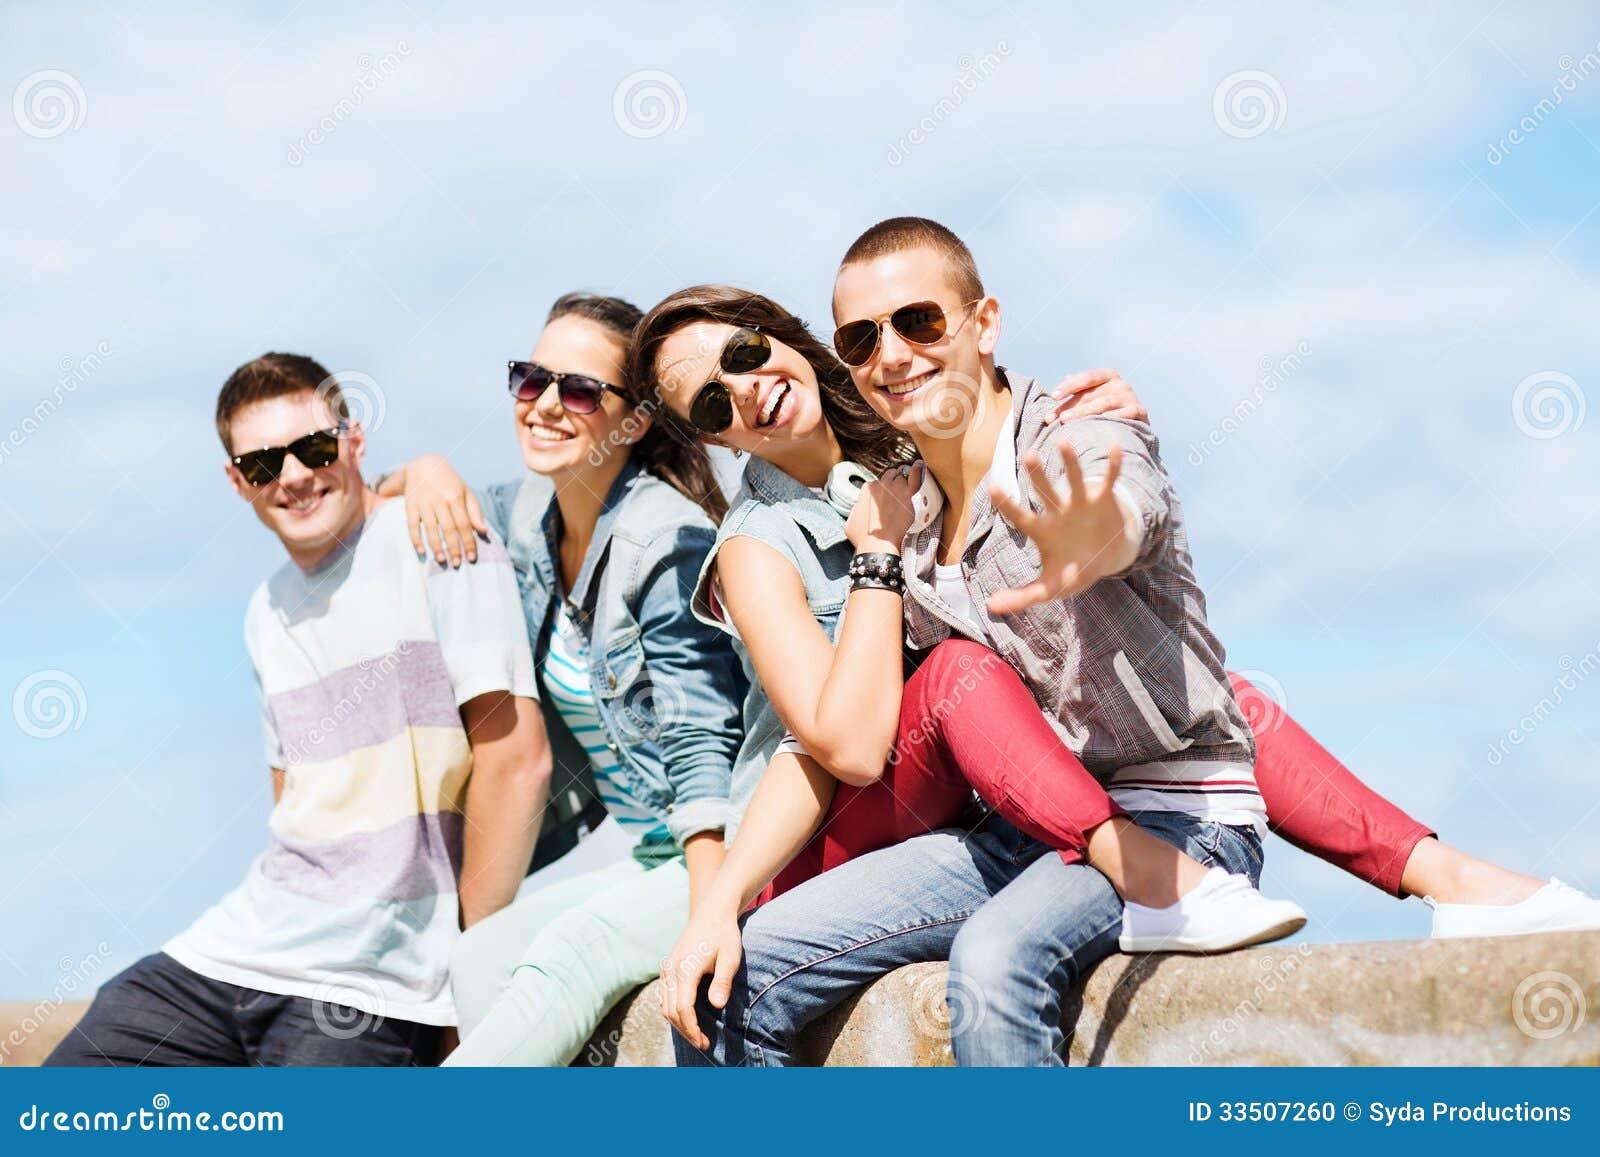 Grupo De Adolescentes Imgenes De Archivo, Vectores, Grupo